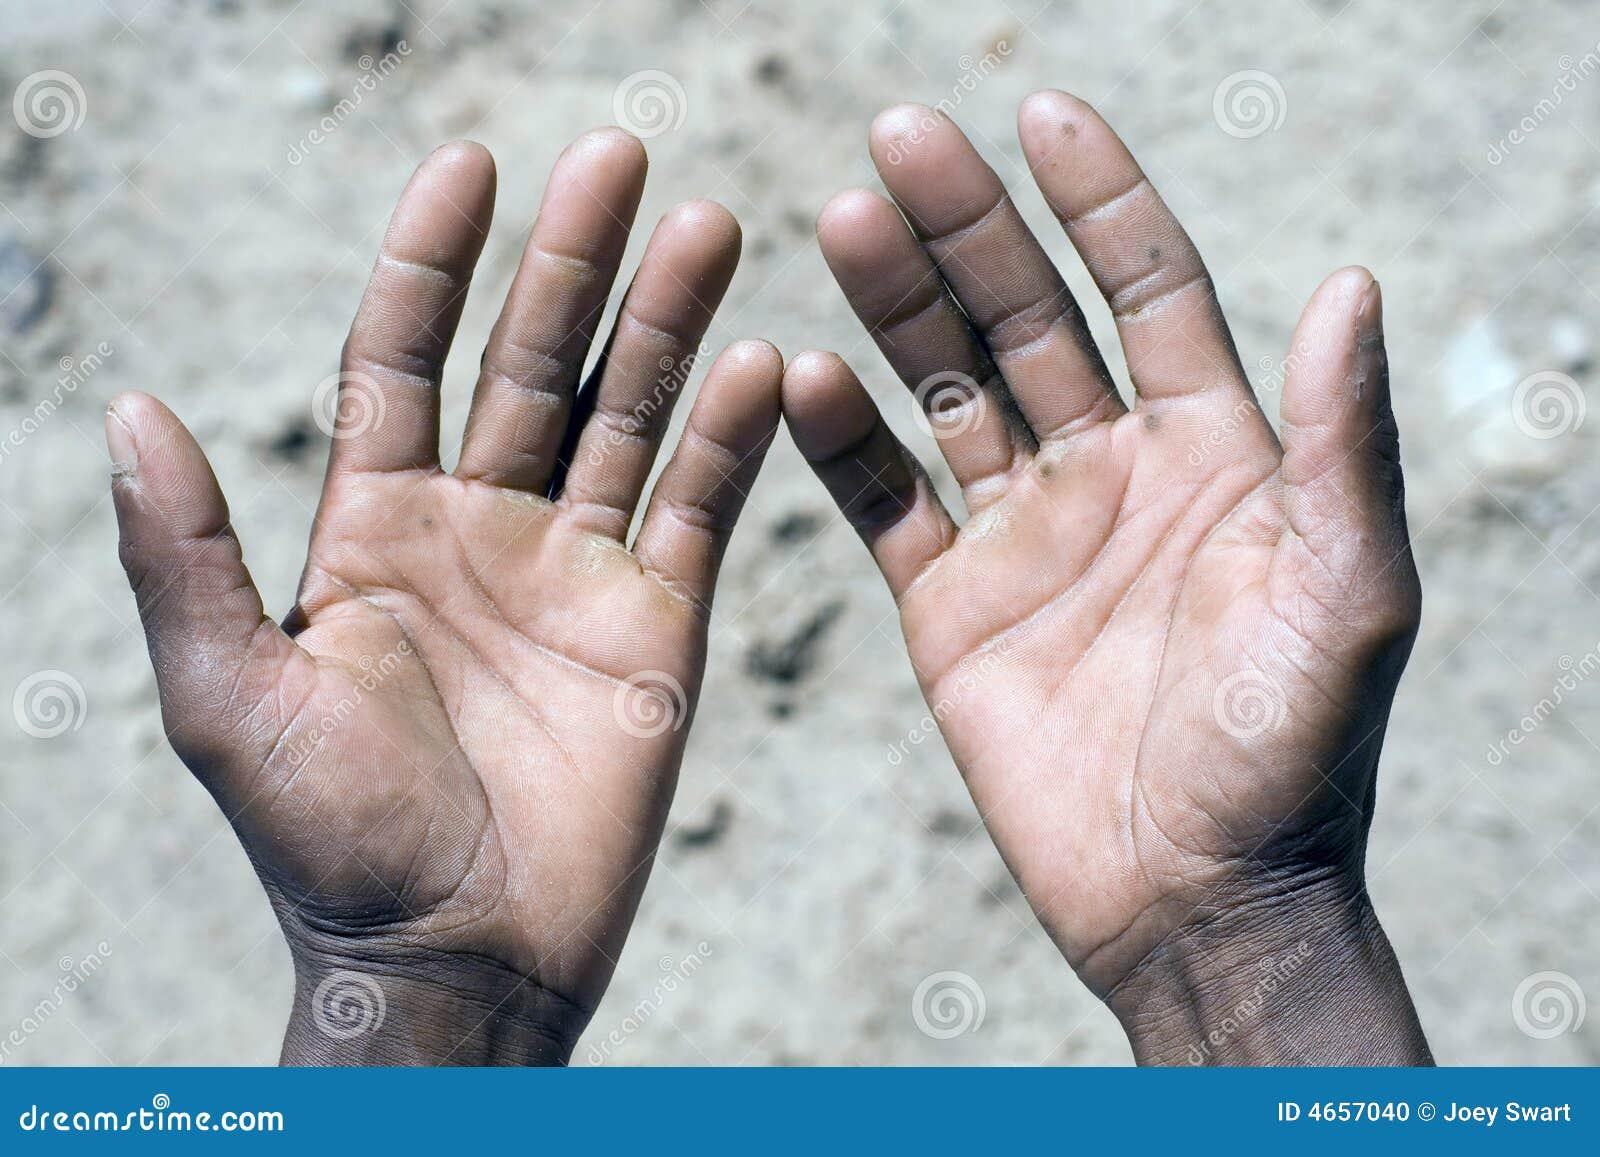 fuera de africano trabajo de mano